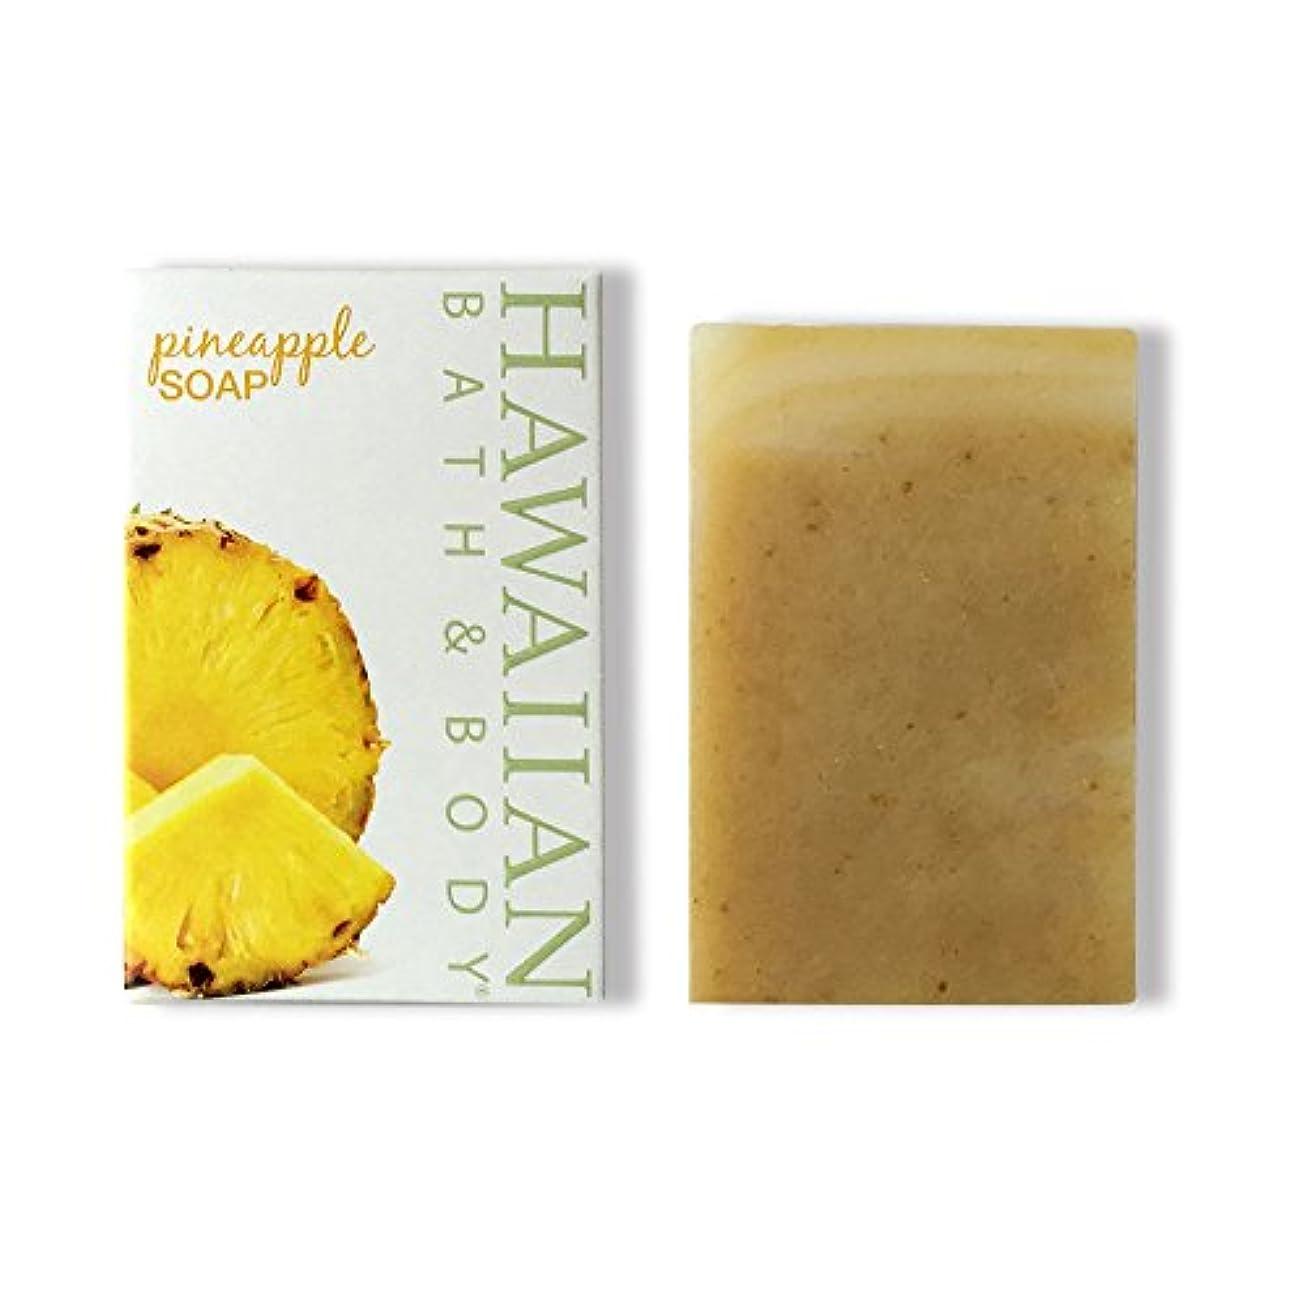 ナット戦い用心深いハワイアンバス&ボディ ハワイ?パイナップルソープ ( Pineapple Soap )